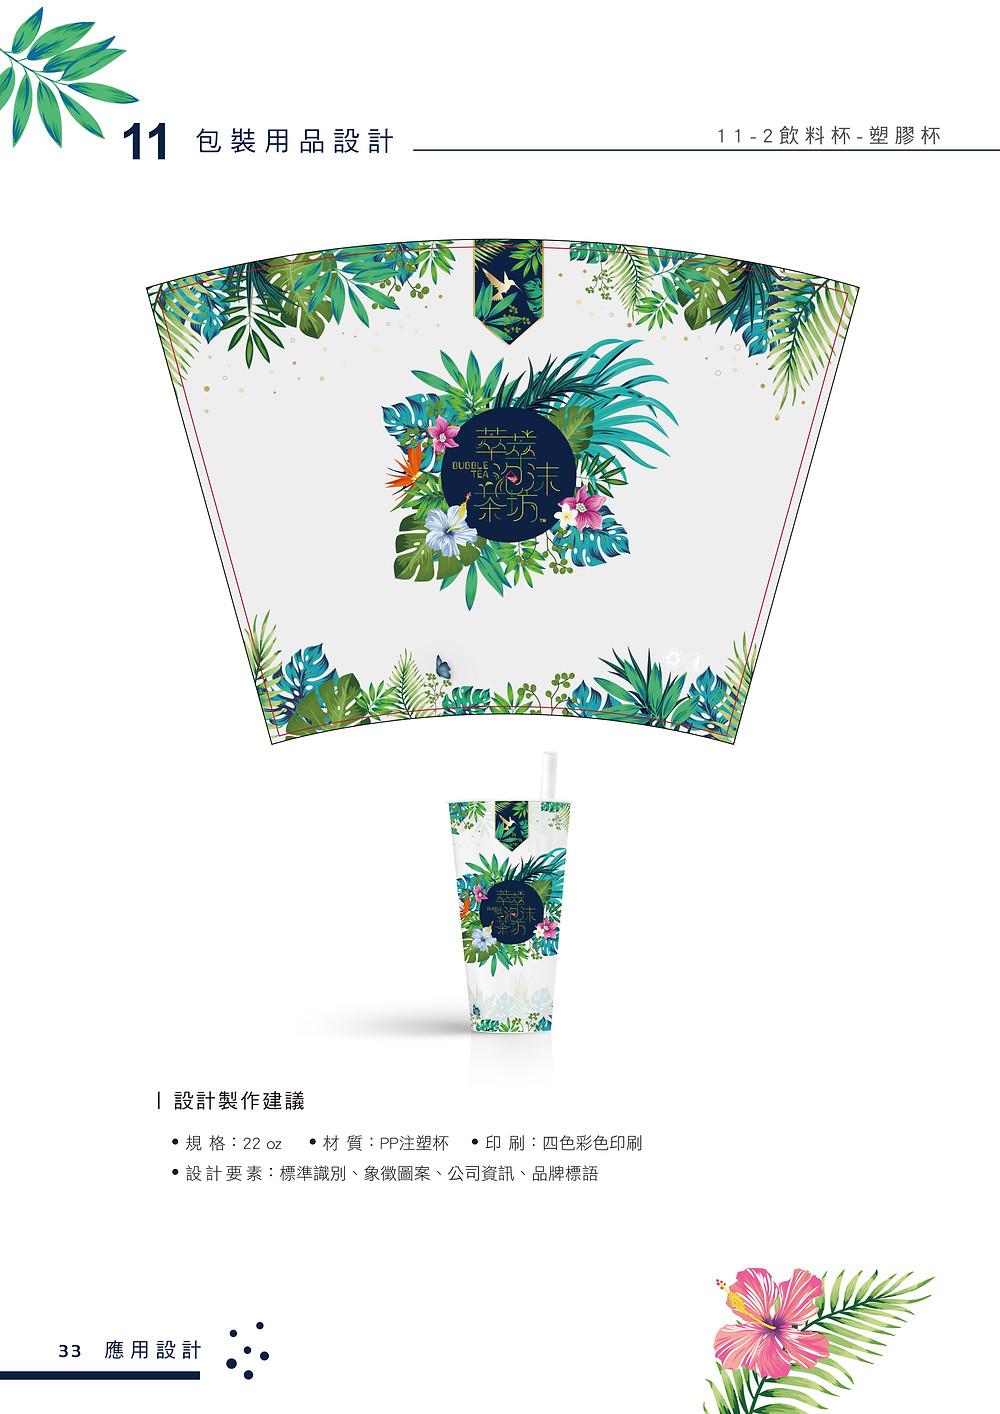 萃萃泡沫茶坊 品牌識別系統手冊 紙杯設計